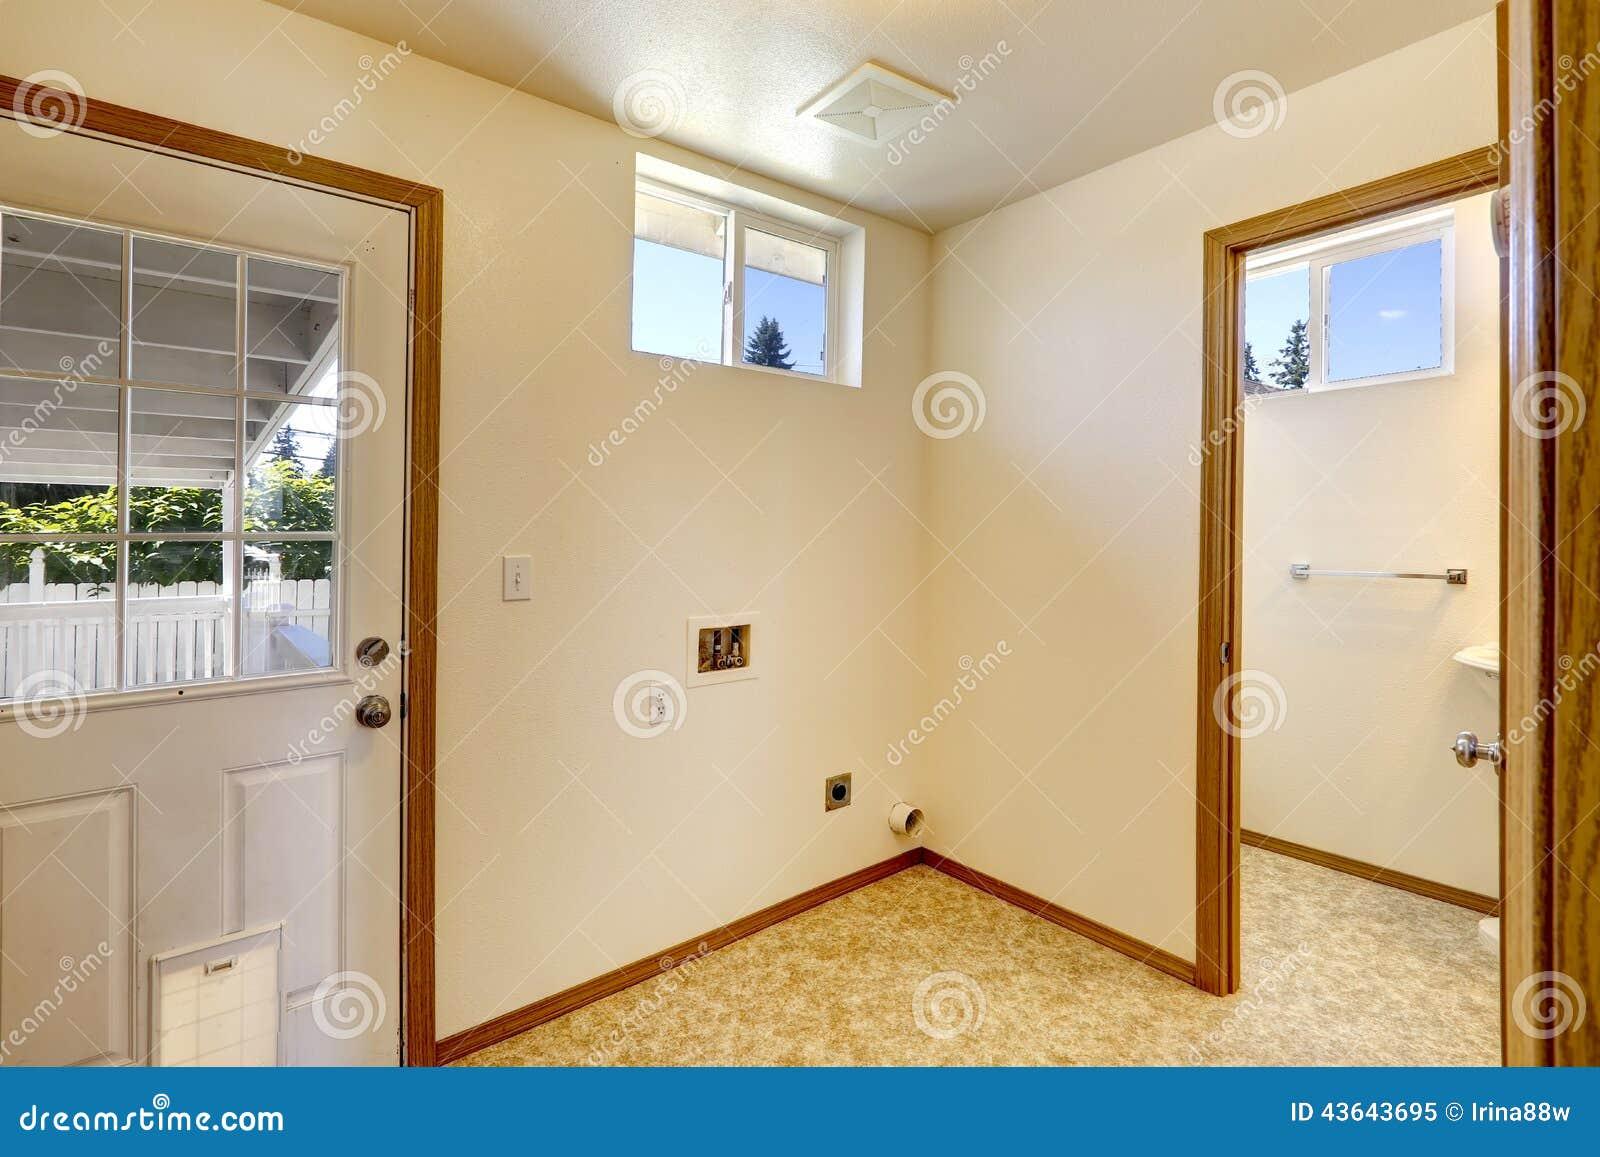 3 room flat design picture ideas - Interior Vazio Da Casa Na Cor Macia E No Linóleo Do Marfim